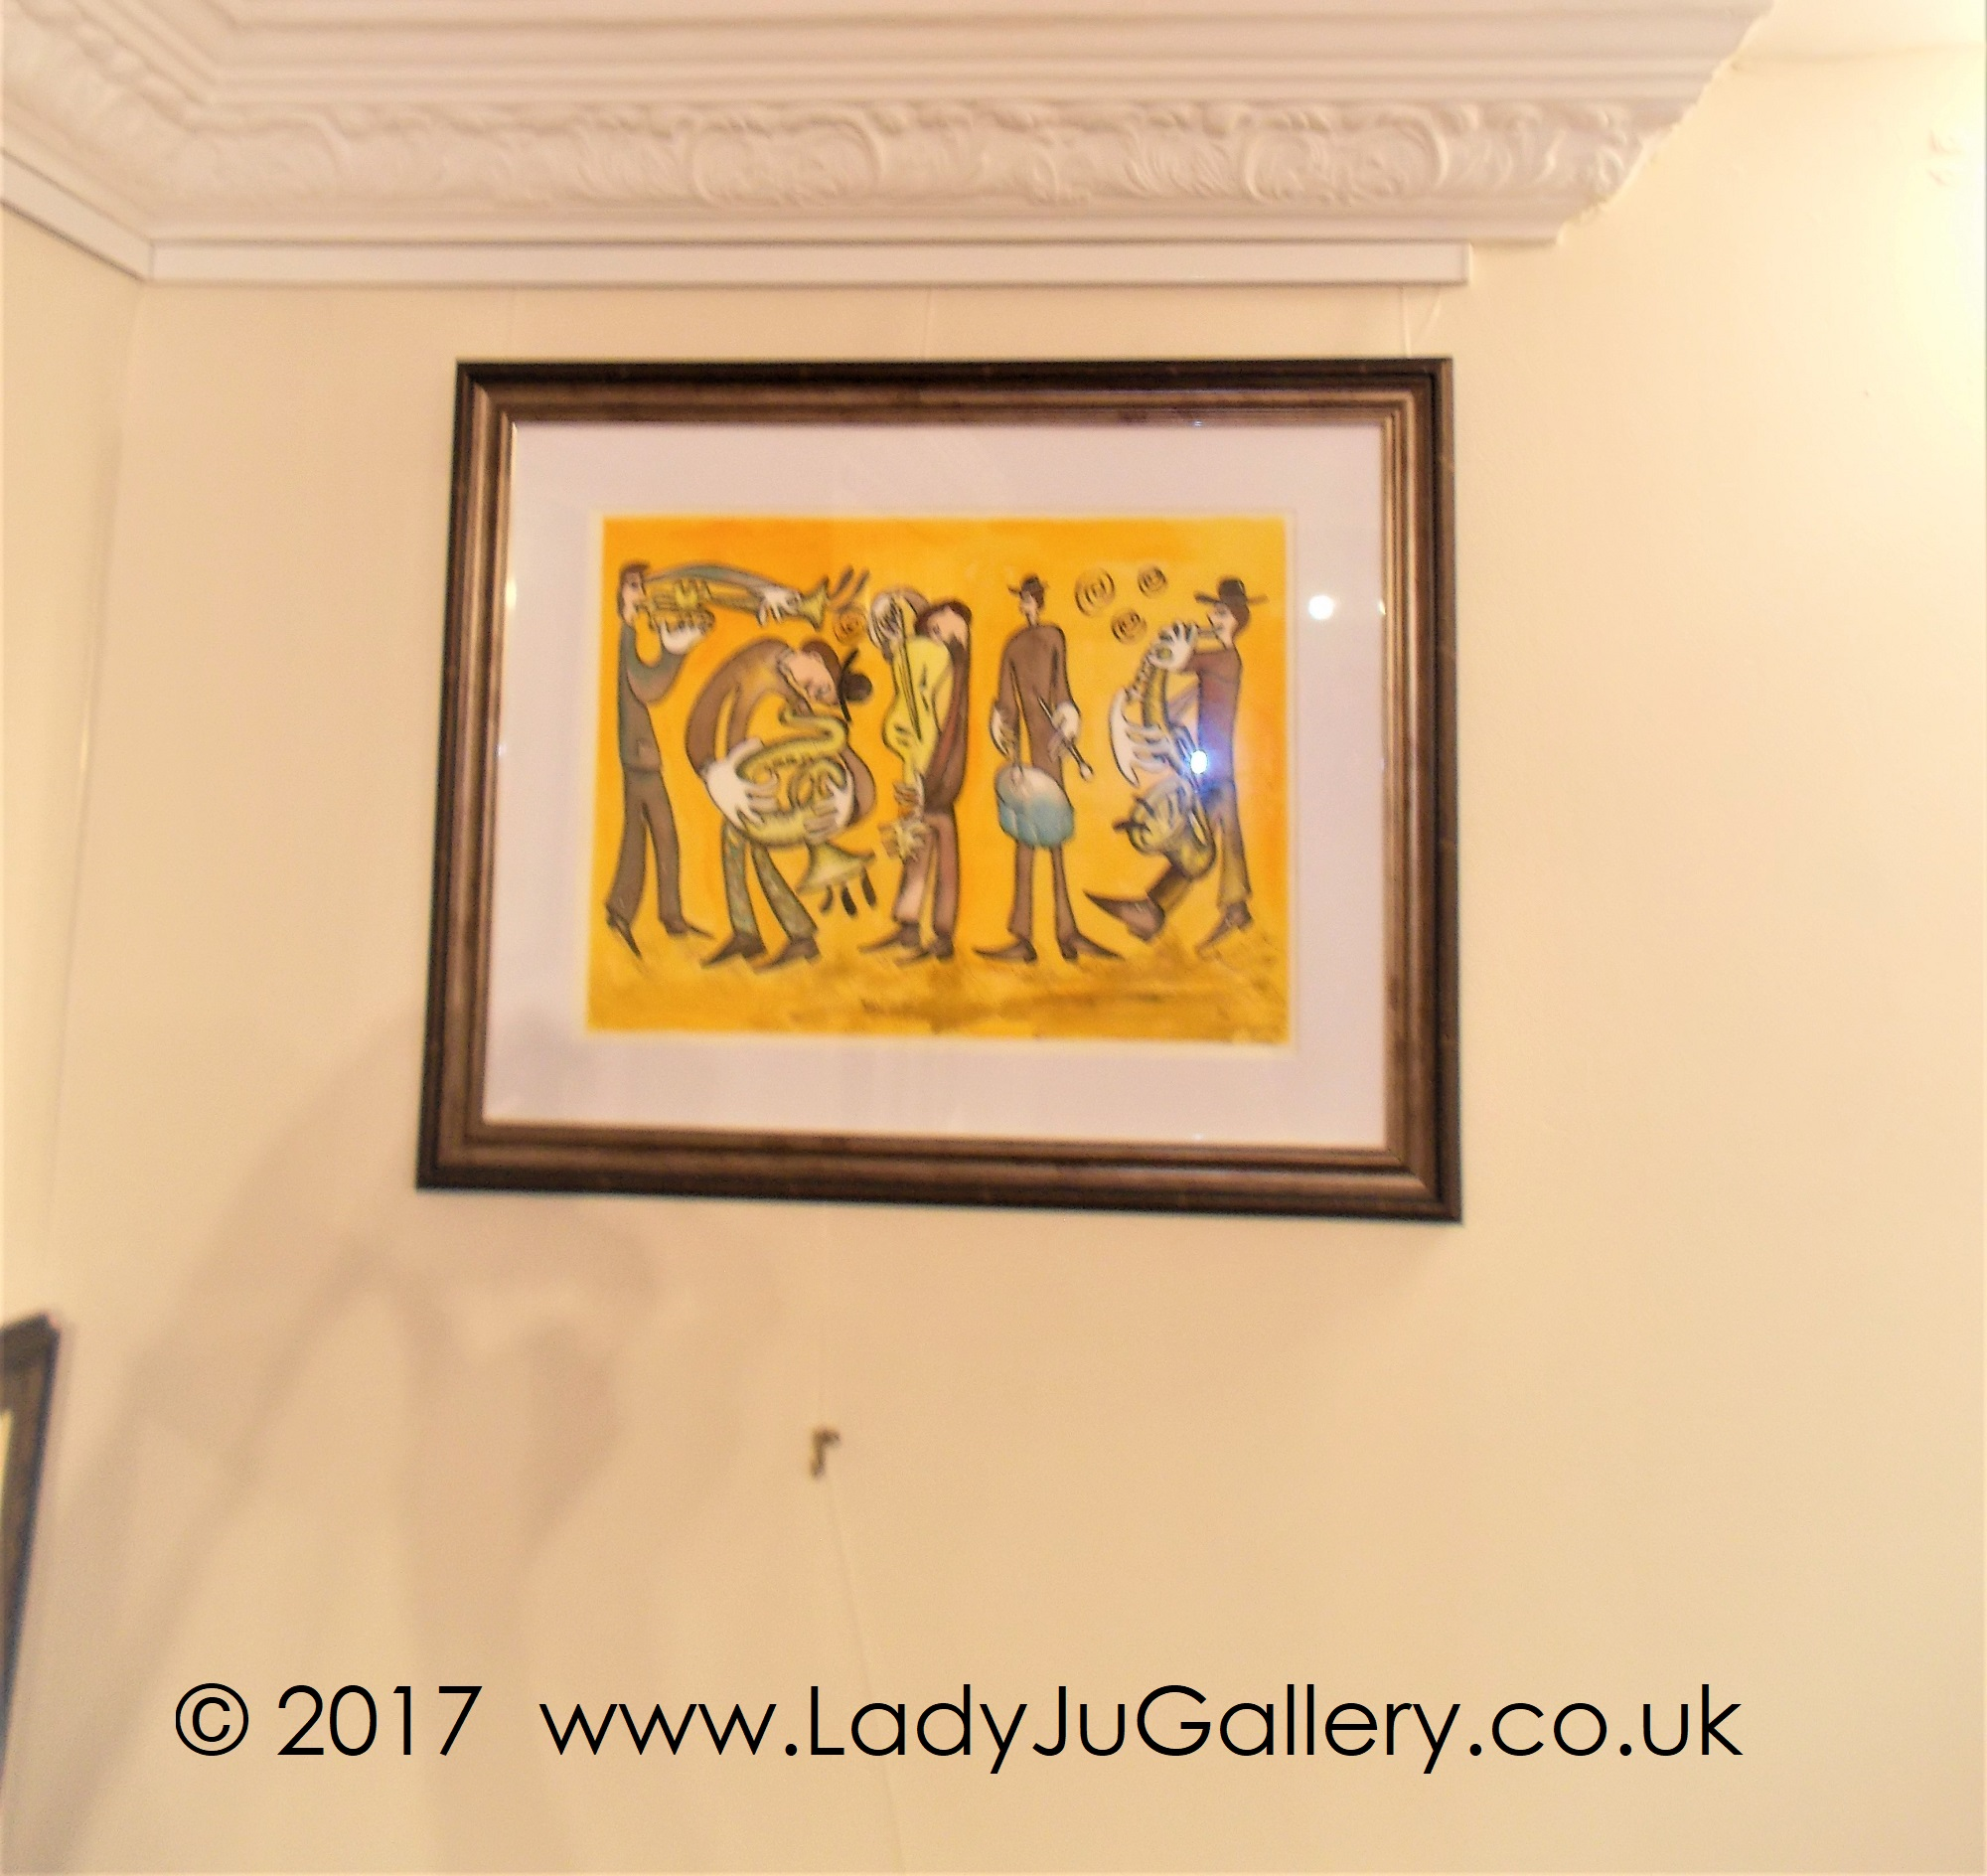 © J Kalite 2017 www.LadyJuGallery.co.uk (4)